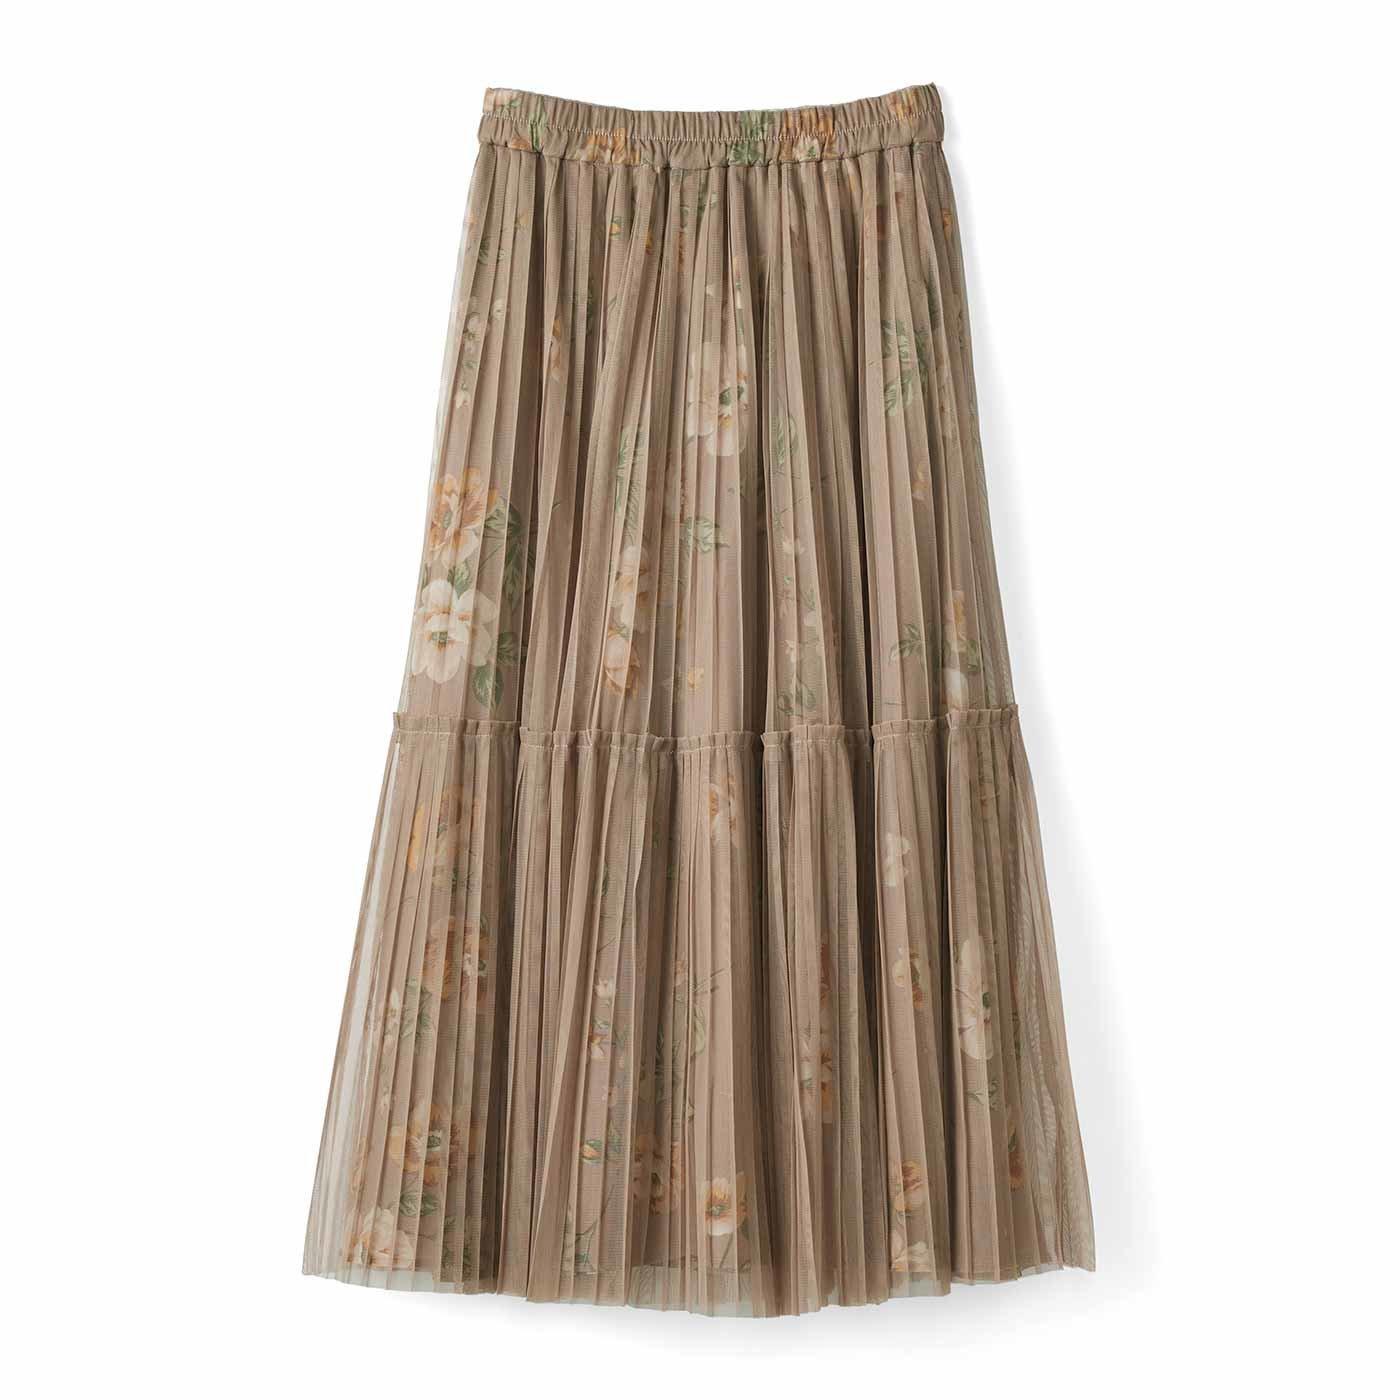 IEDIT[イディット] プリーツチュールを重ねた華やぎプリントスカート〈ベージュ〉